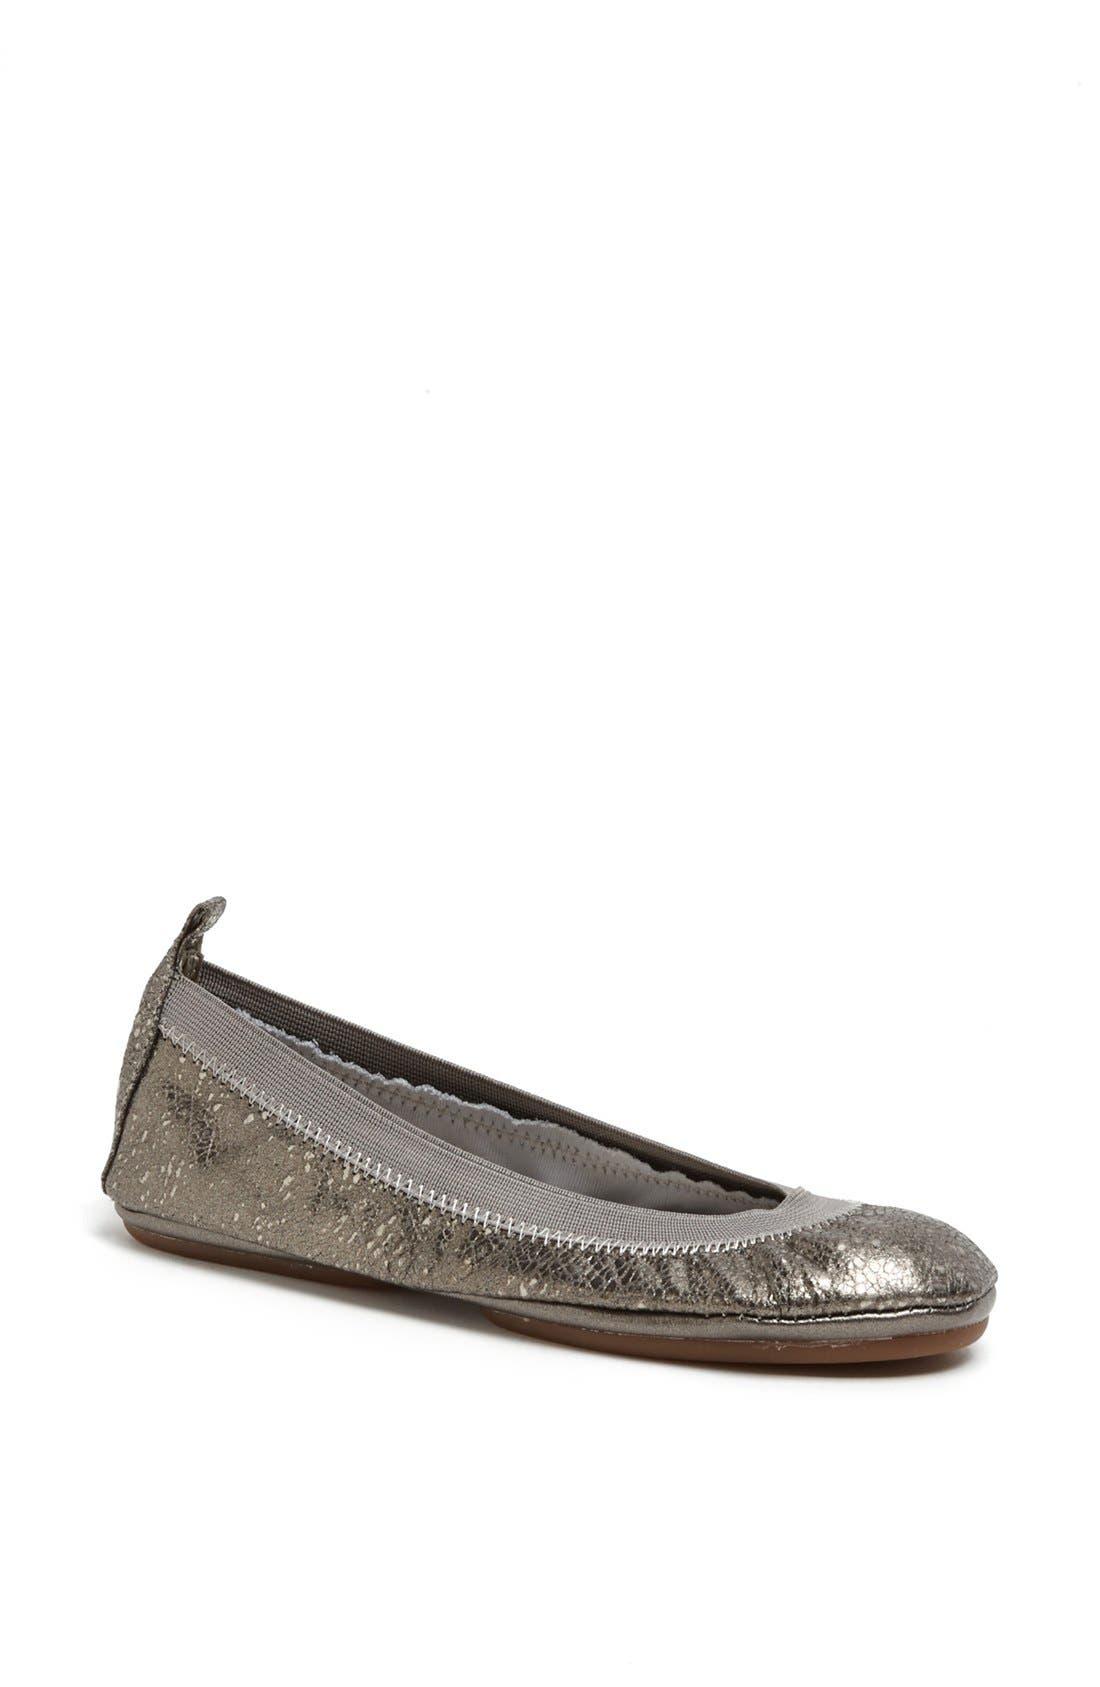 Main Image - Yosi Samra Metallic Foldable Ballet Flat